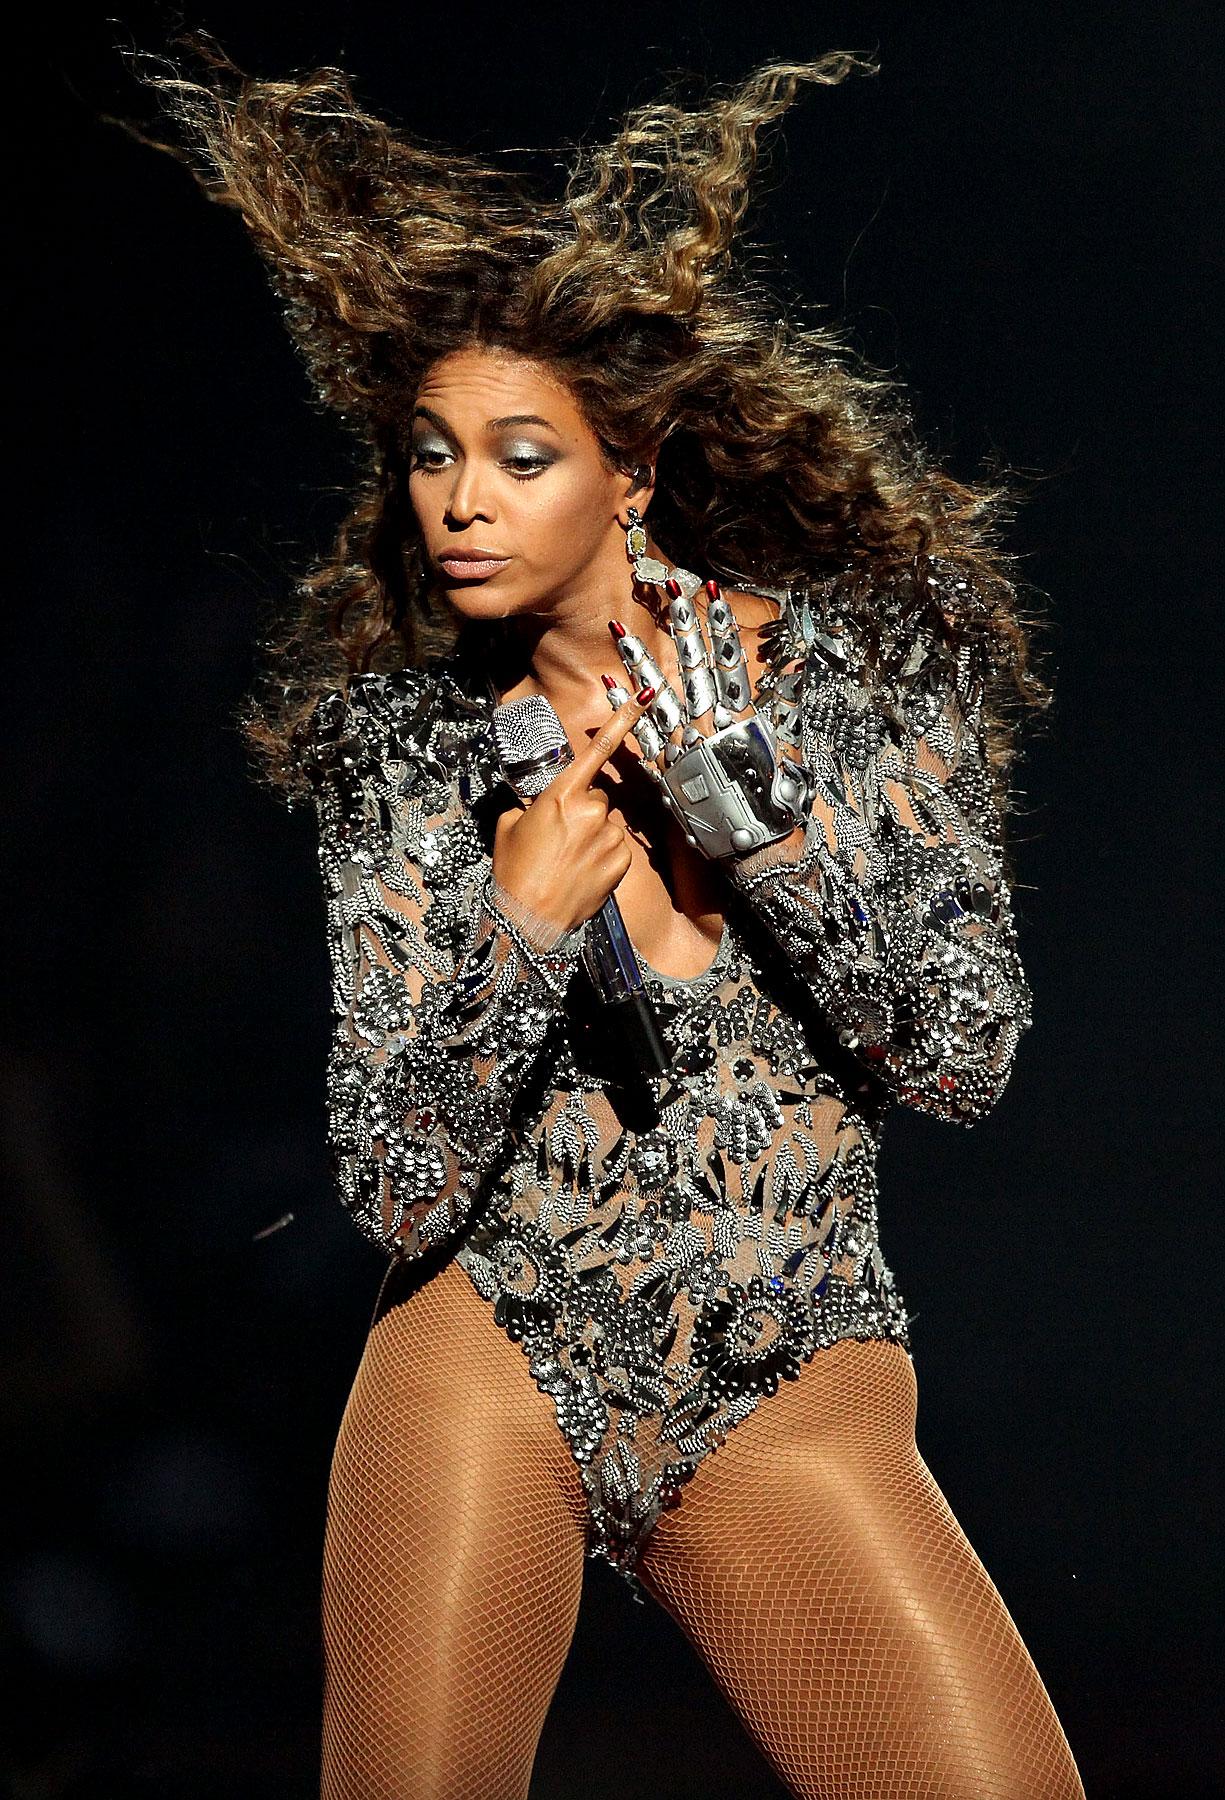 PHOTO GALLERY: 2009 MTV VMA Show